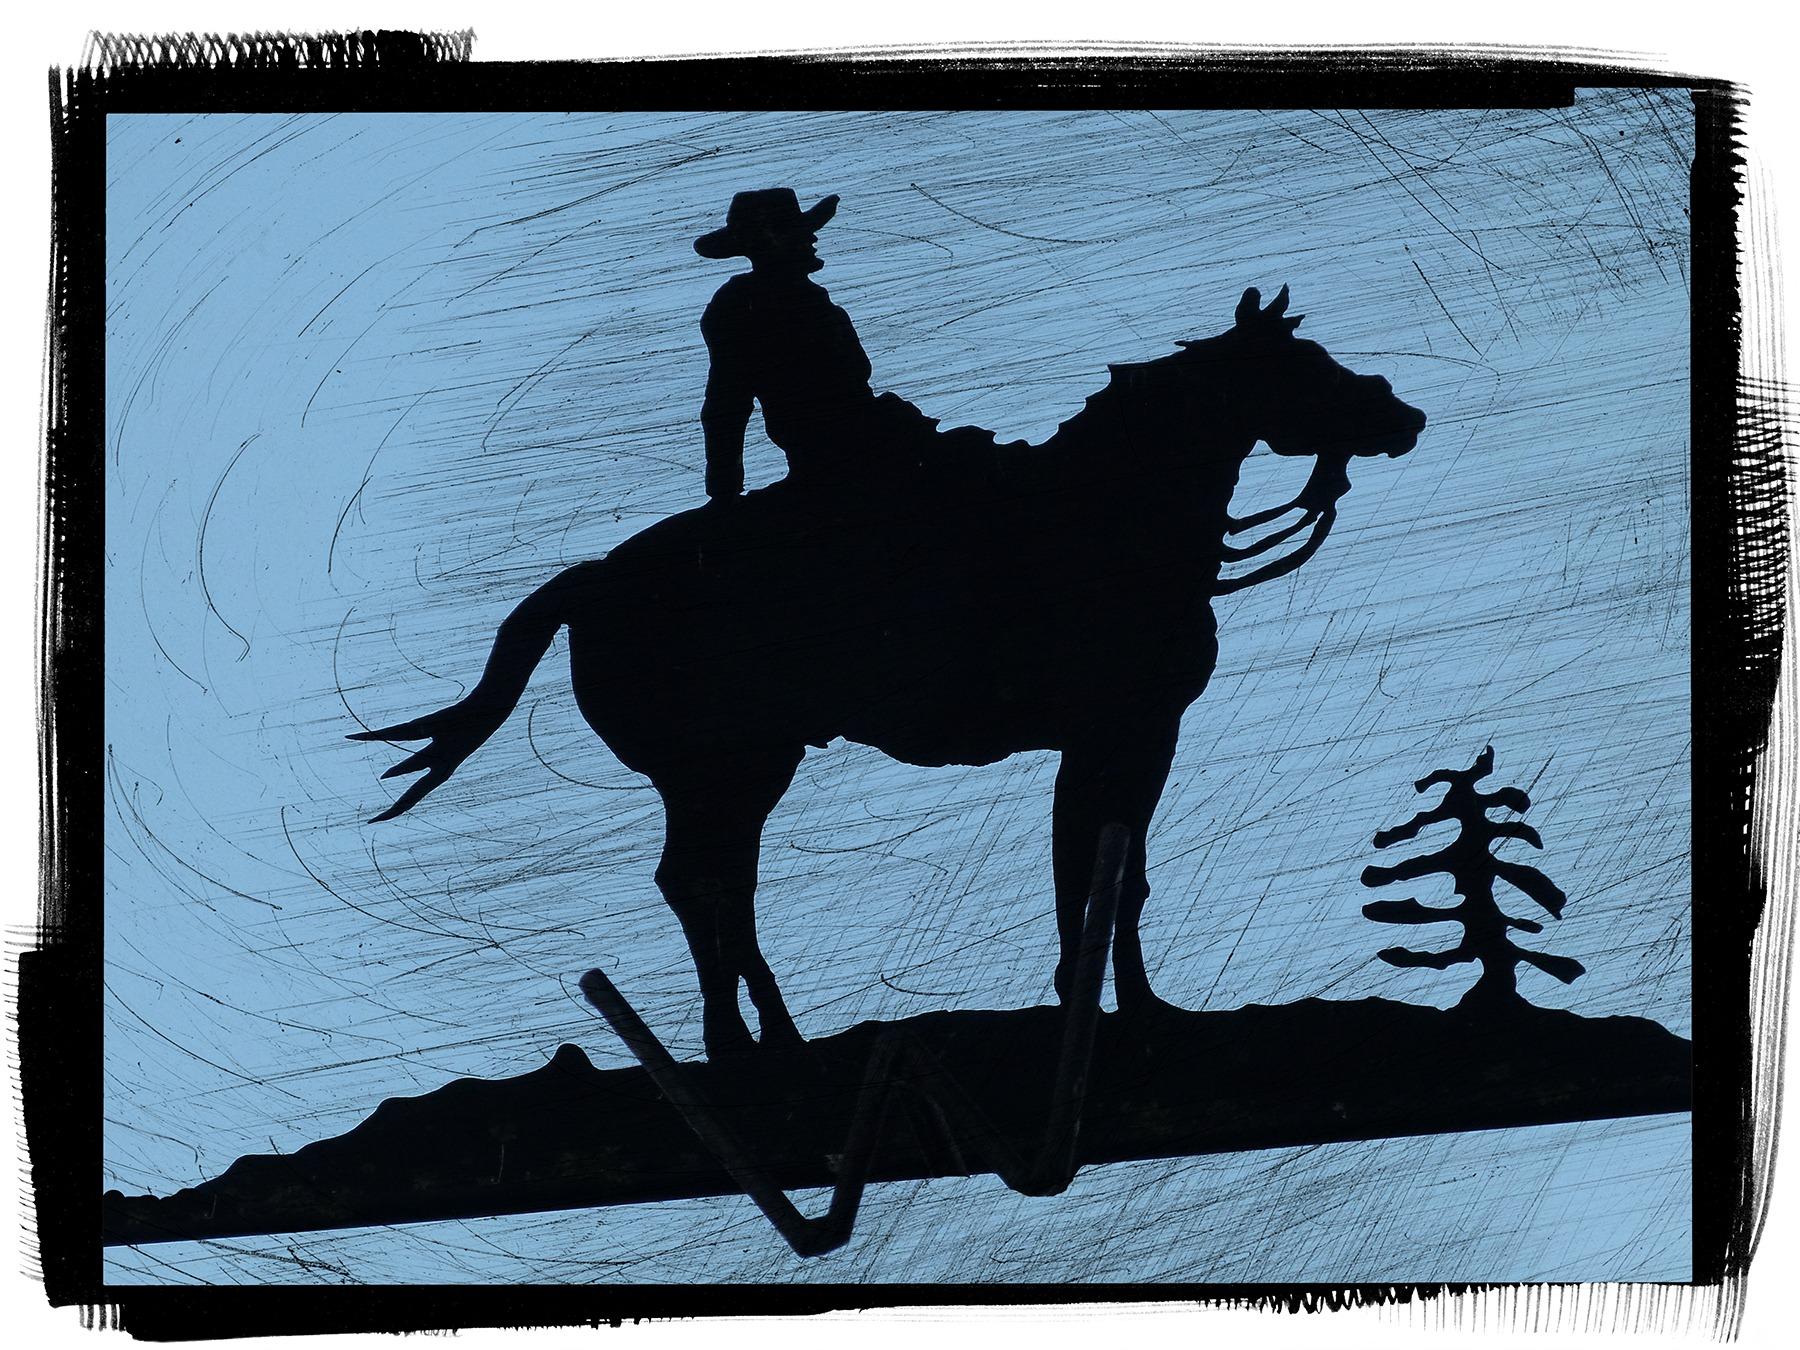 Fotos gratis : silueta, textura, jinete, caballo, pintura, bosquejo ...